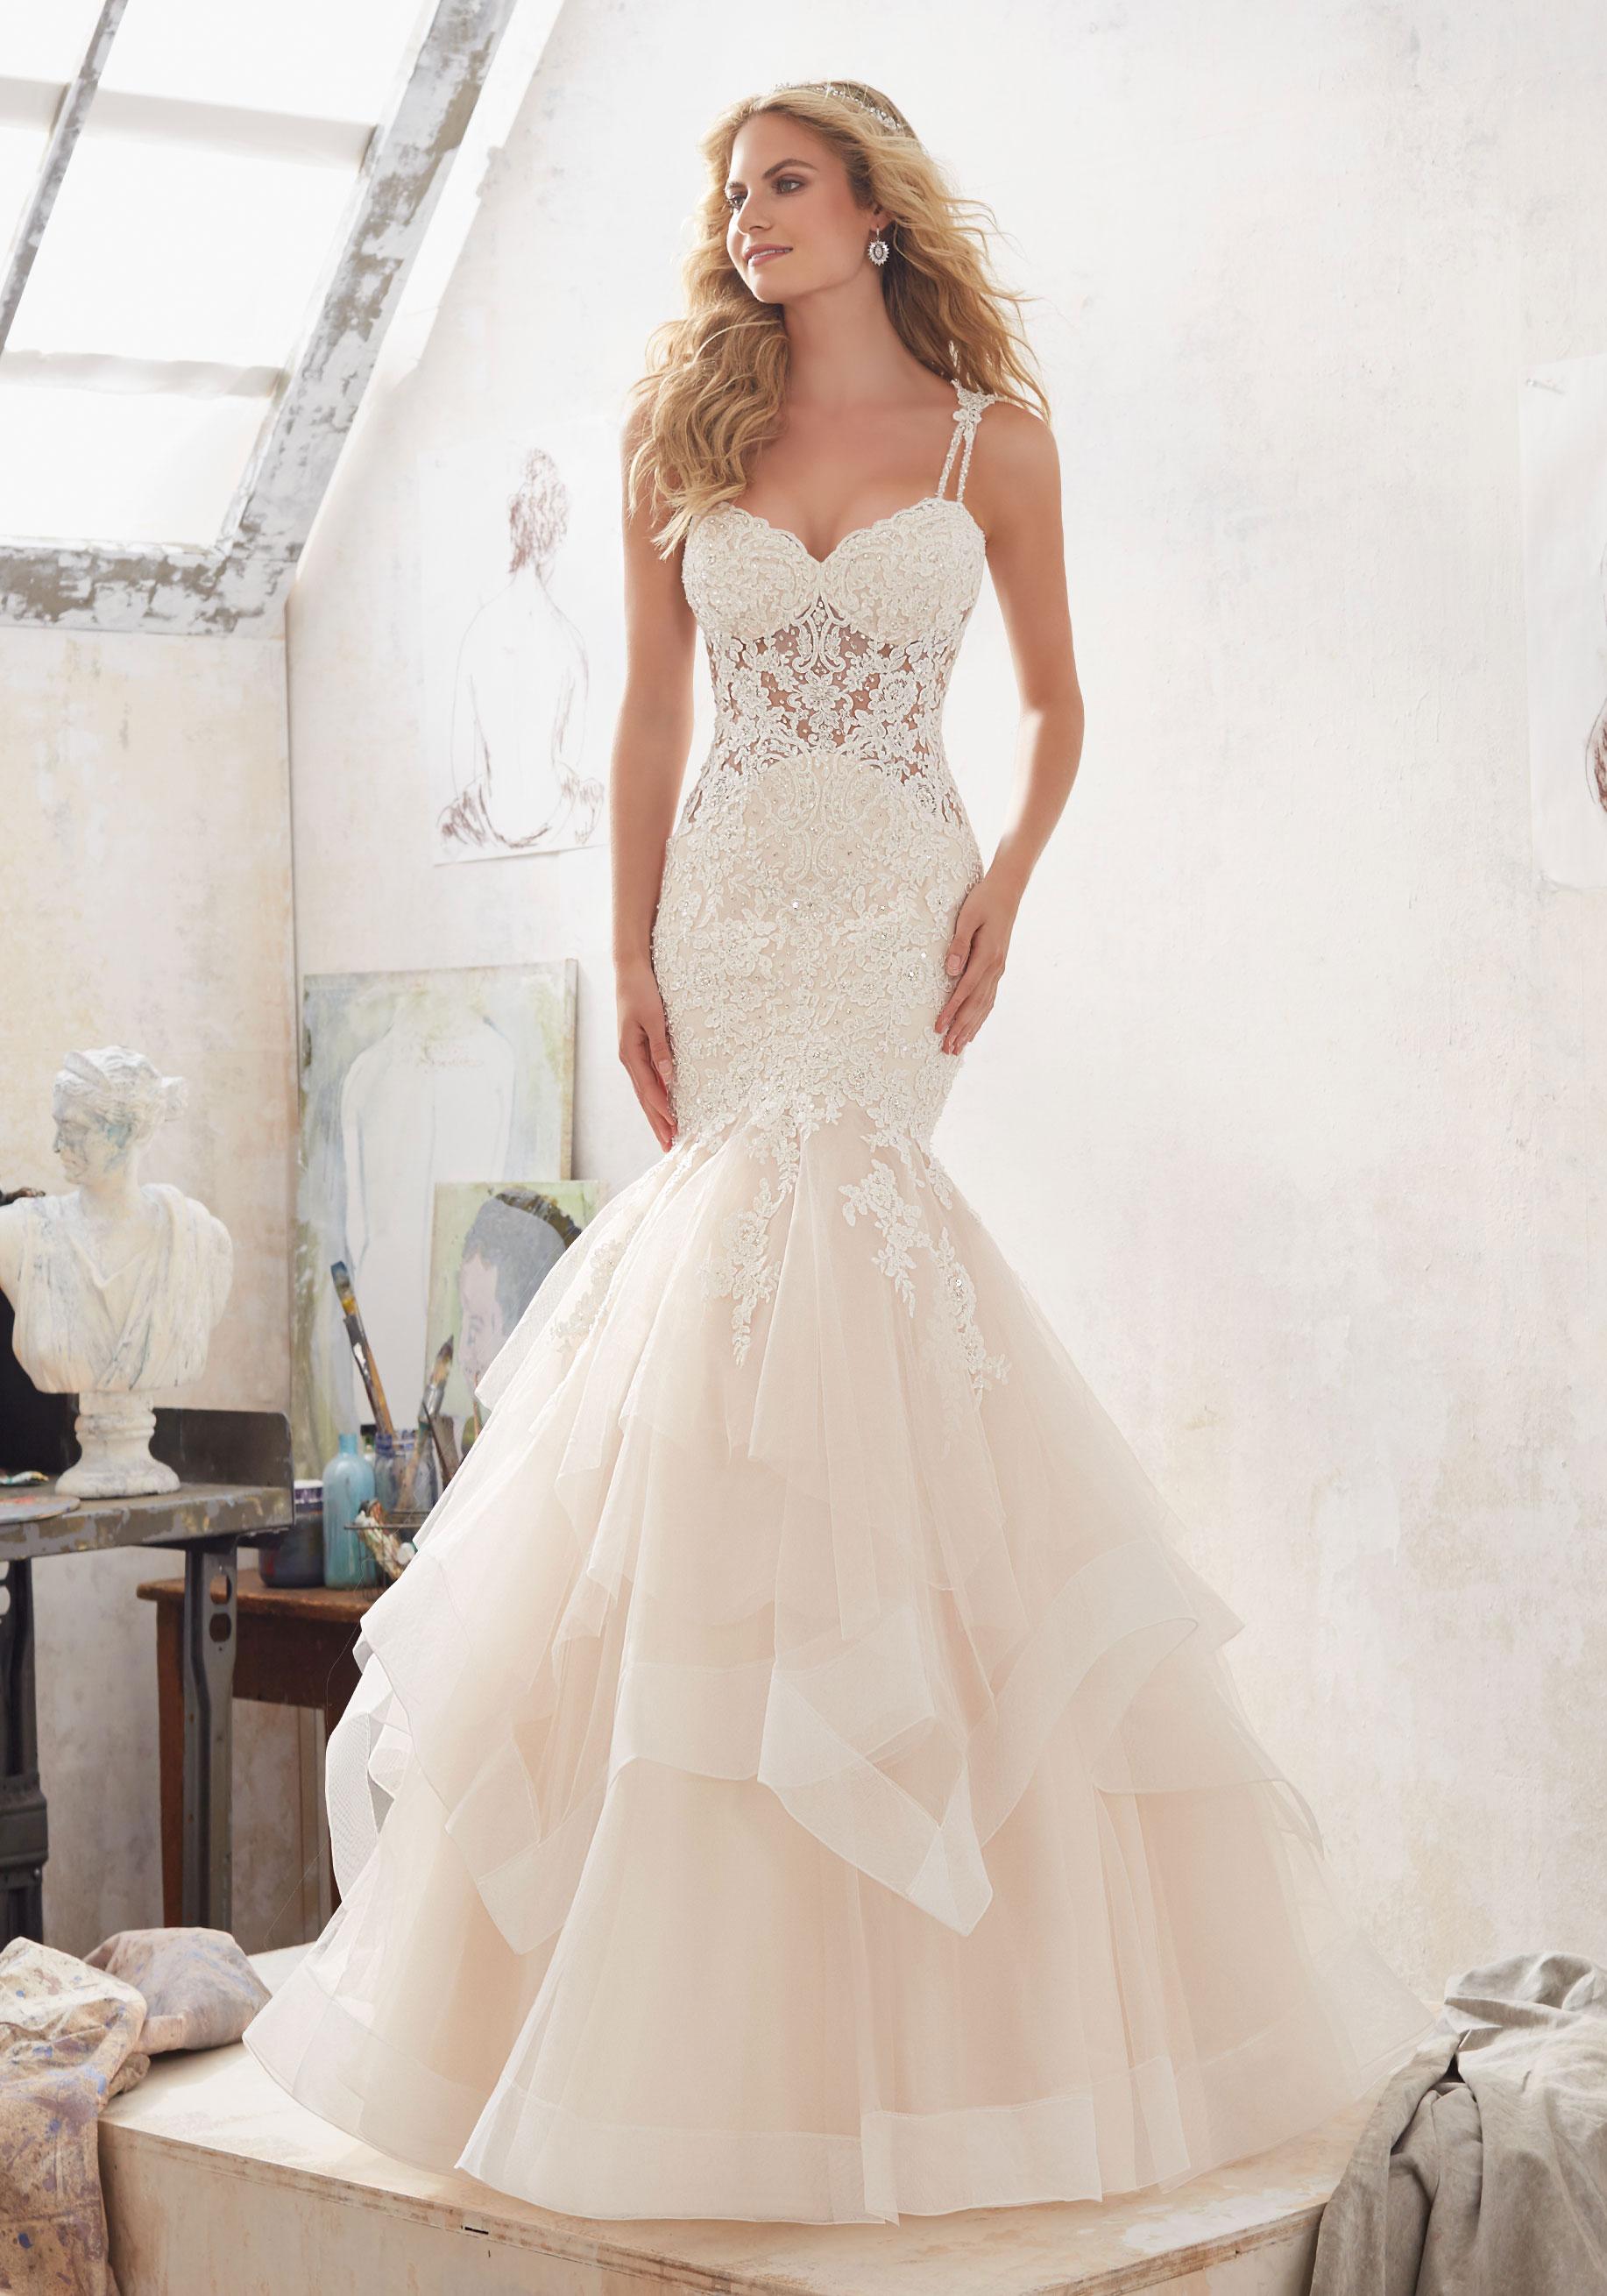 66f02b7edb4 Sale   Clearance   Mother of the Bride Dresses - Dillard s